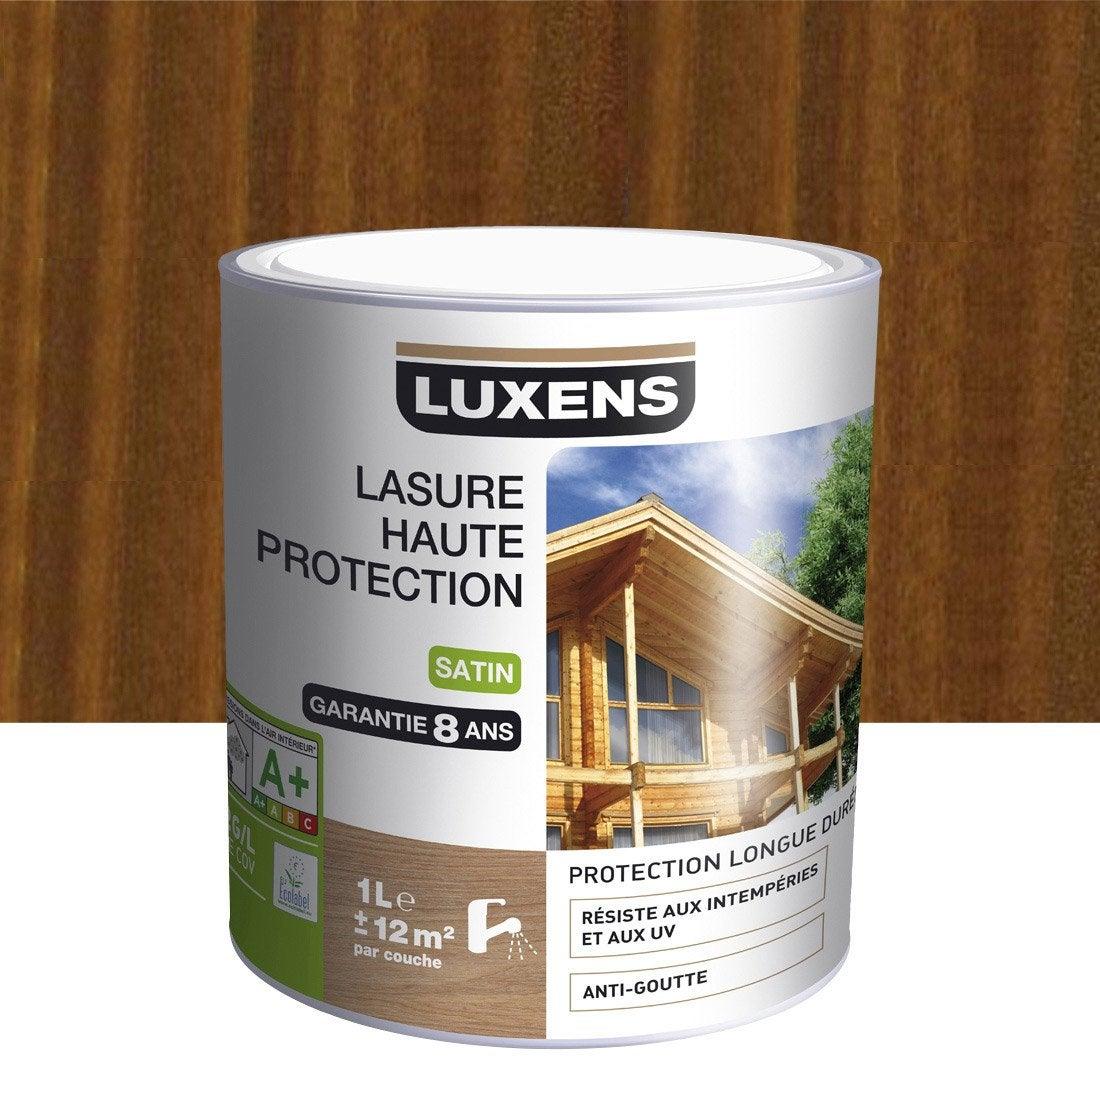 Lasure LUXENS Haute protection 1 l, bois exotique Leroy Merlin # Lasure Bois Leroy Merlin